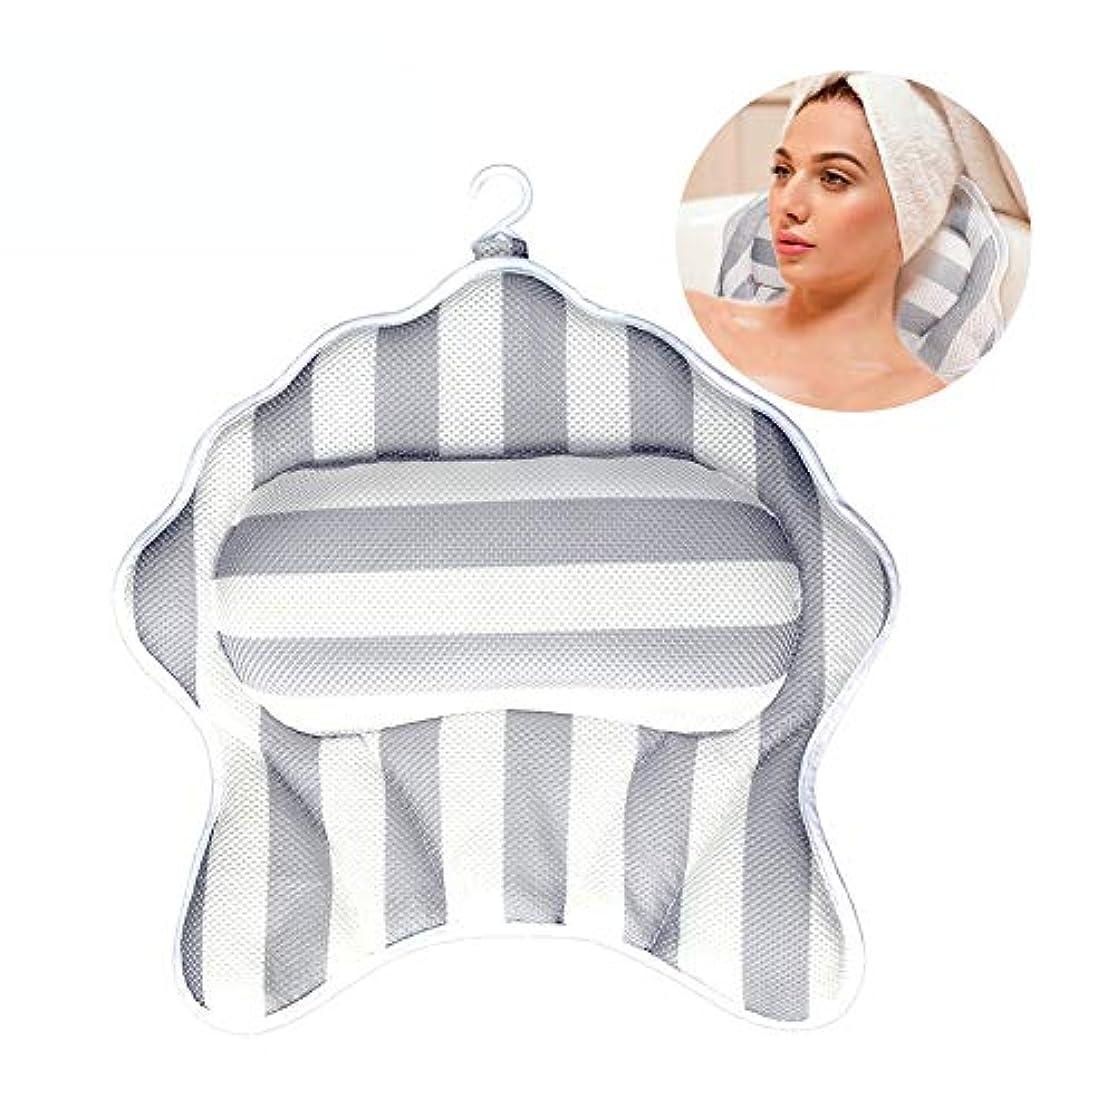 殺します混沌不信3dメッシュヒトデスパマッサージバスタブ枕浴室枕クッションwith6強い吸引カップは洗濯機で洗えます